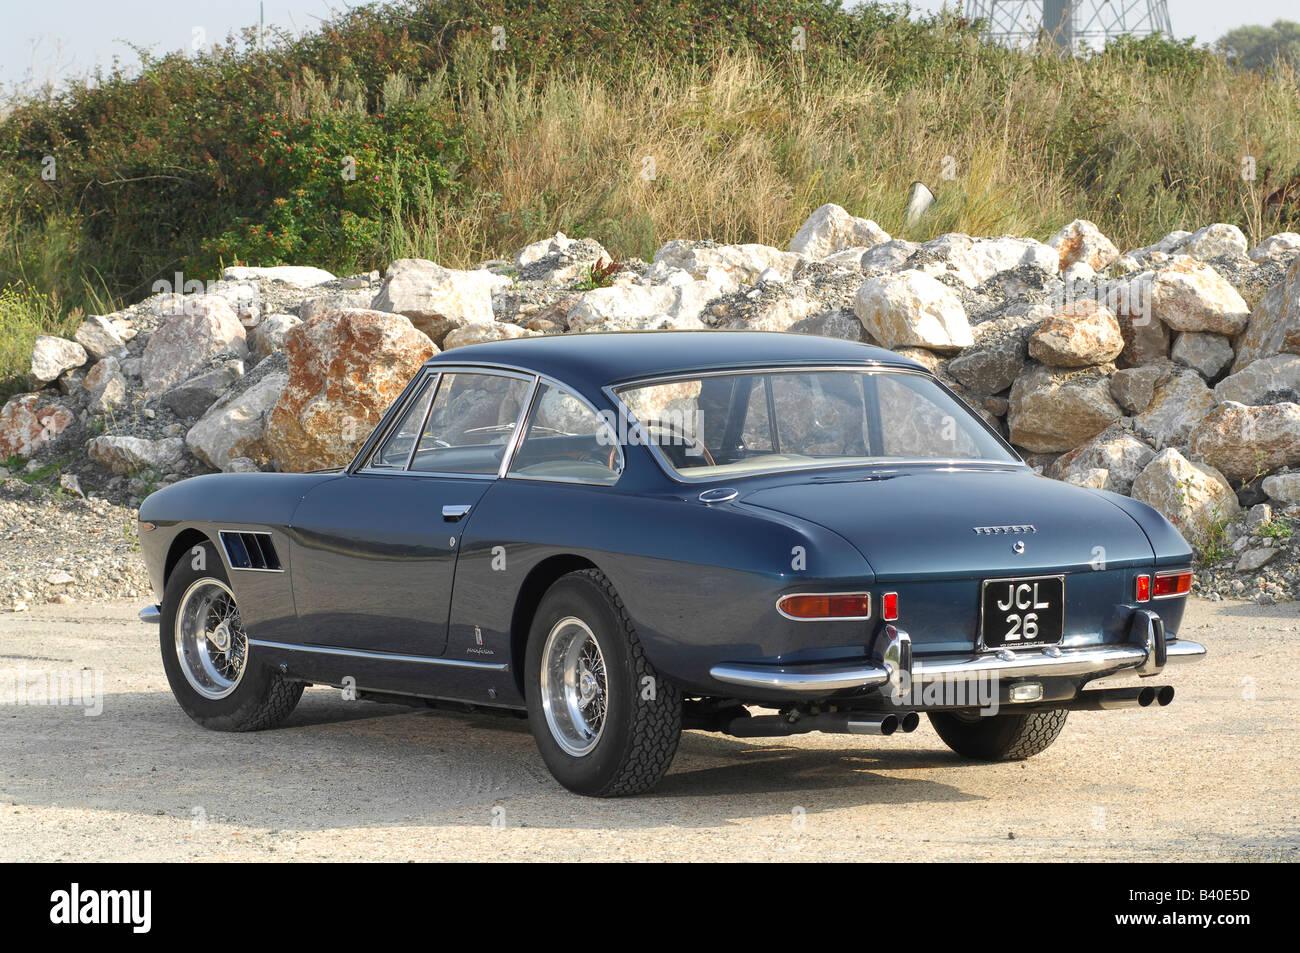 Ferrari 330 Gt Stockfotos Und Bilder Kaufen Alamy